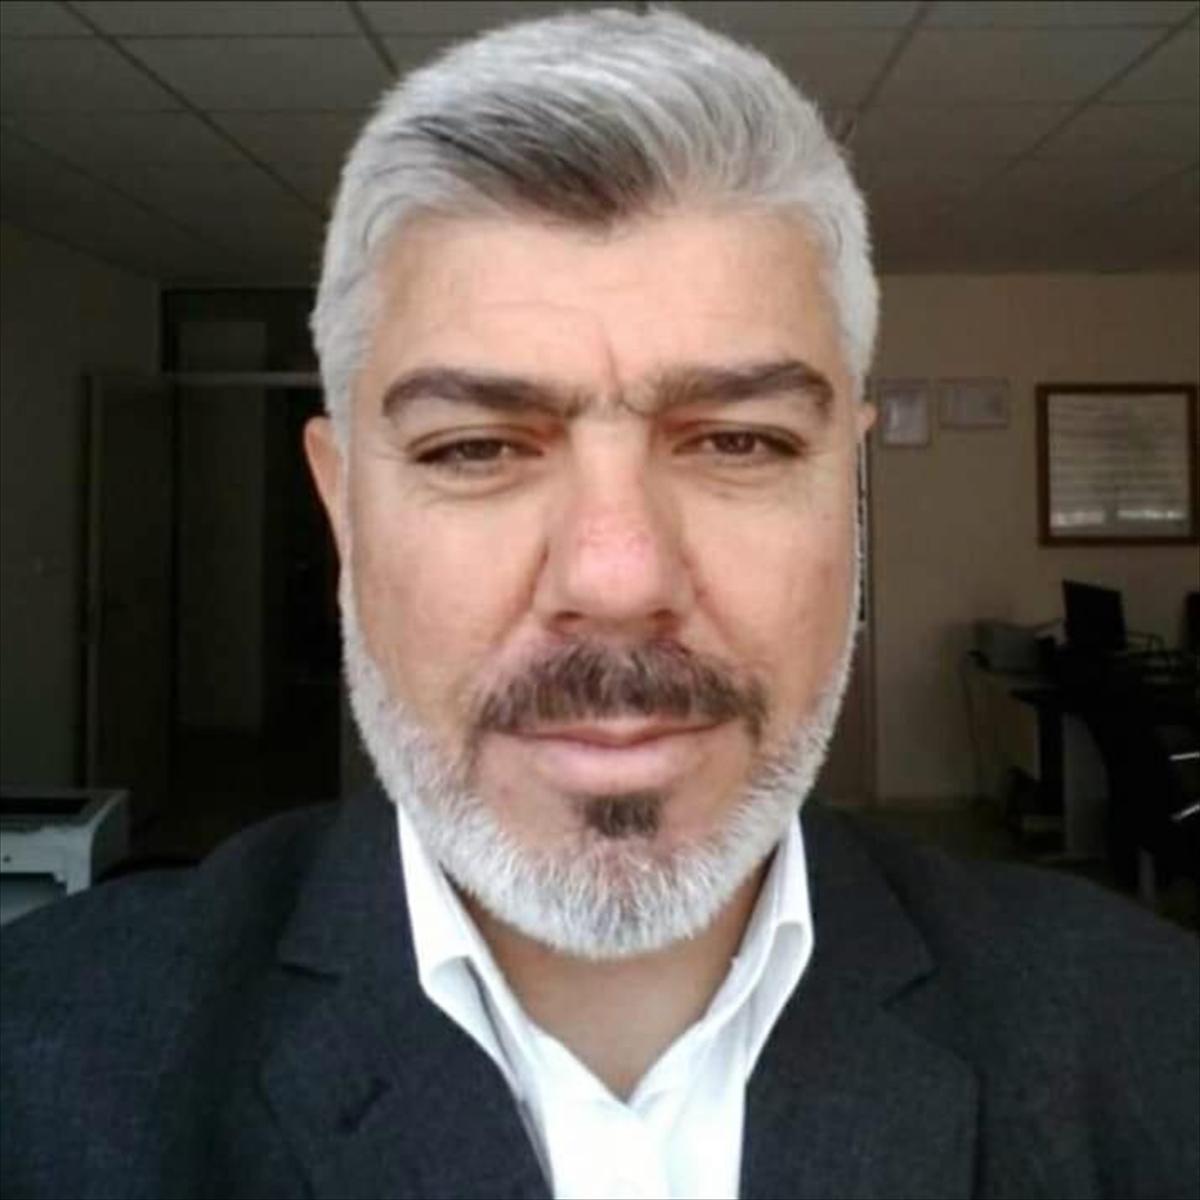 Kahramanmaraş'ta kazada yaşamını yitiren polis memurunun cenazesi memleketine gönderildi